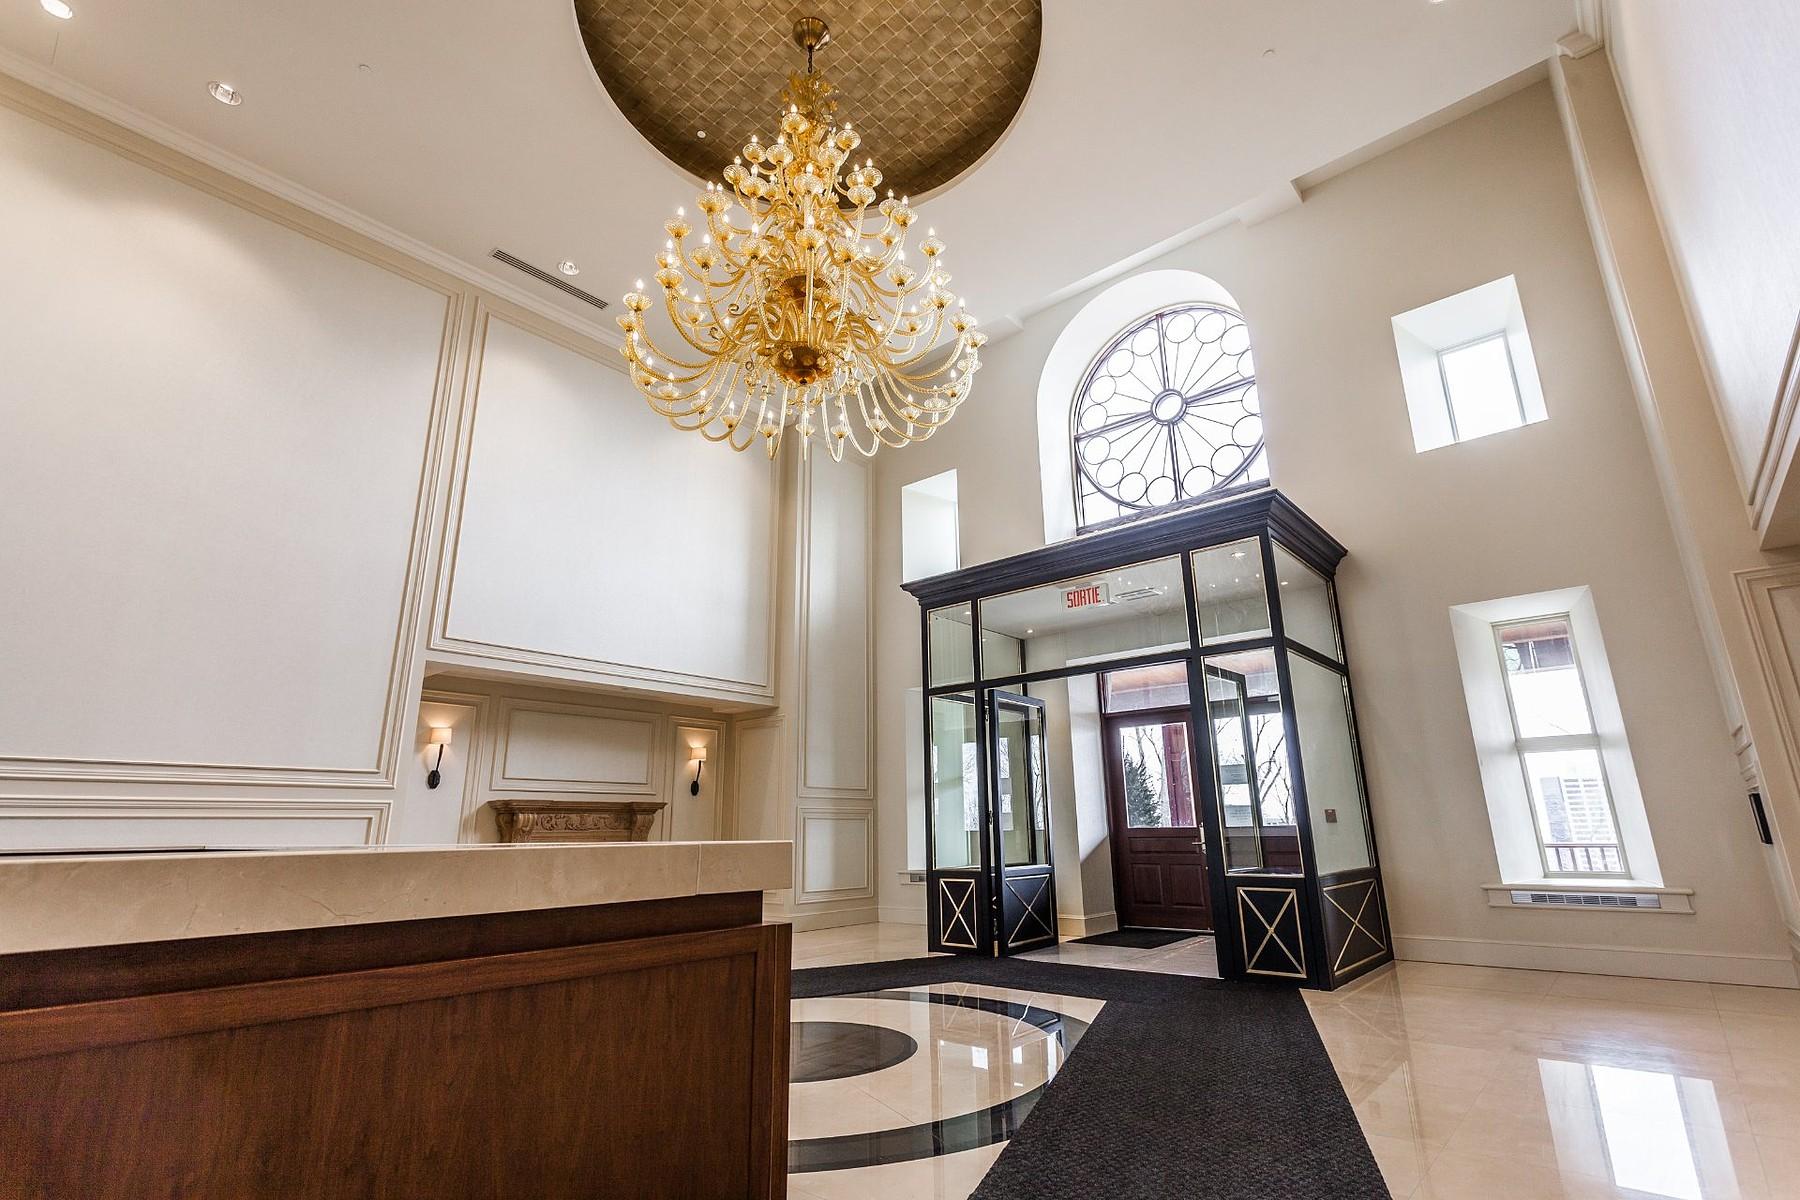 Частный односемейный дом для того Продажа на Ville-Marie (Montréal), Montréal 3150 Place de Ramezay, Apt. 303 Other Quebec, Квебек H3Y0A3 Канада